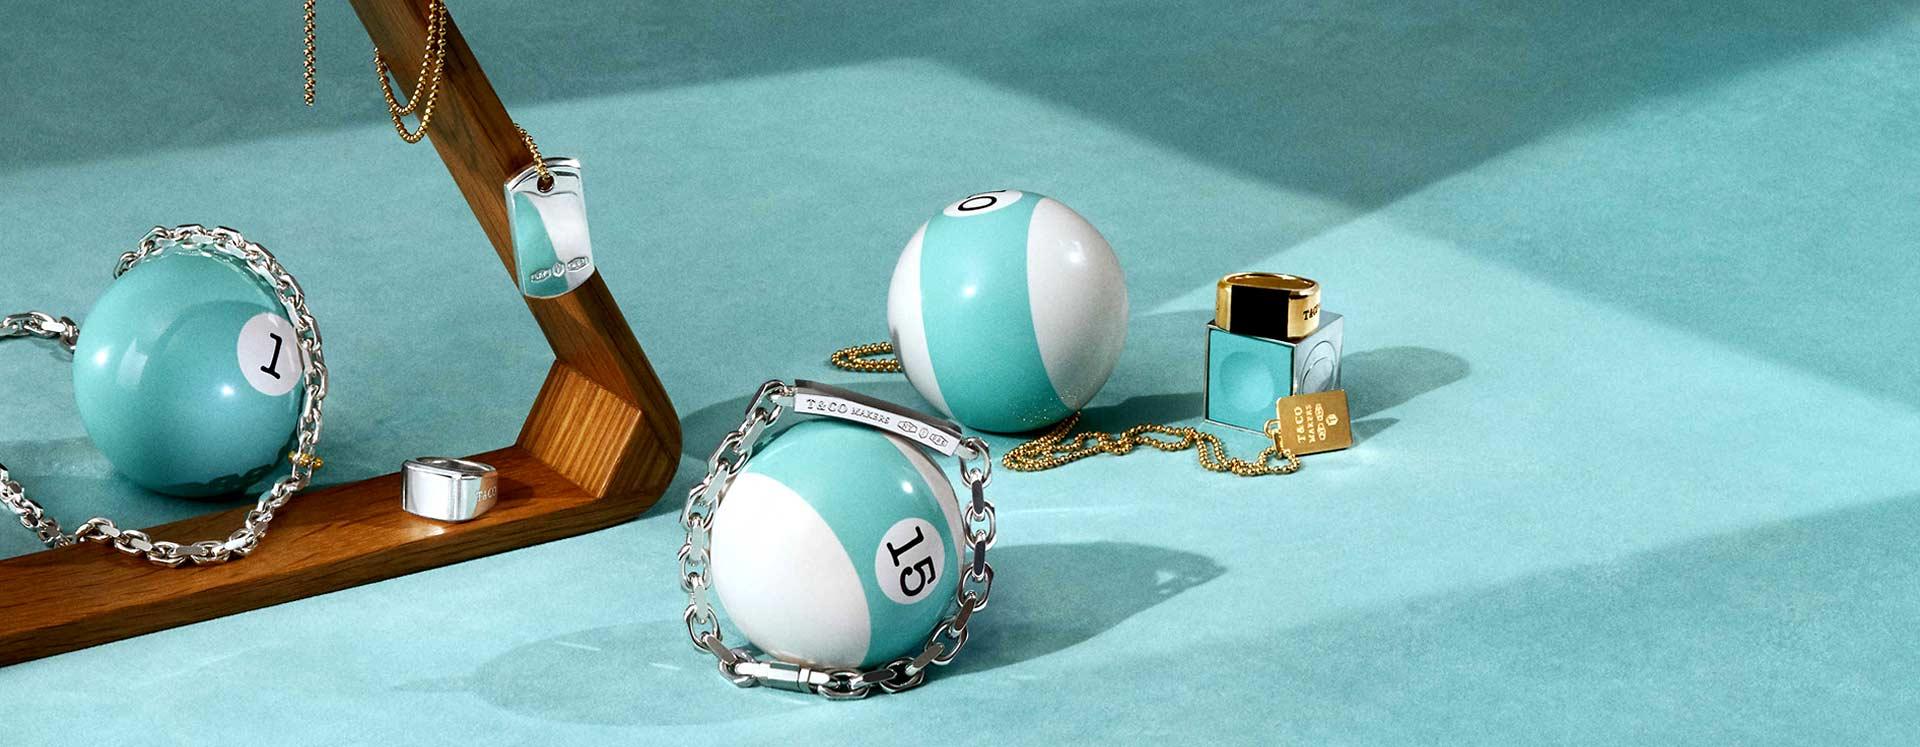 men's jewellery44 - برندهای لوکسی که موجب رونق جواهرات مردانه شده اند